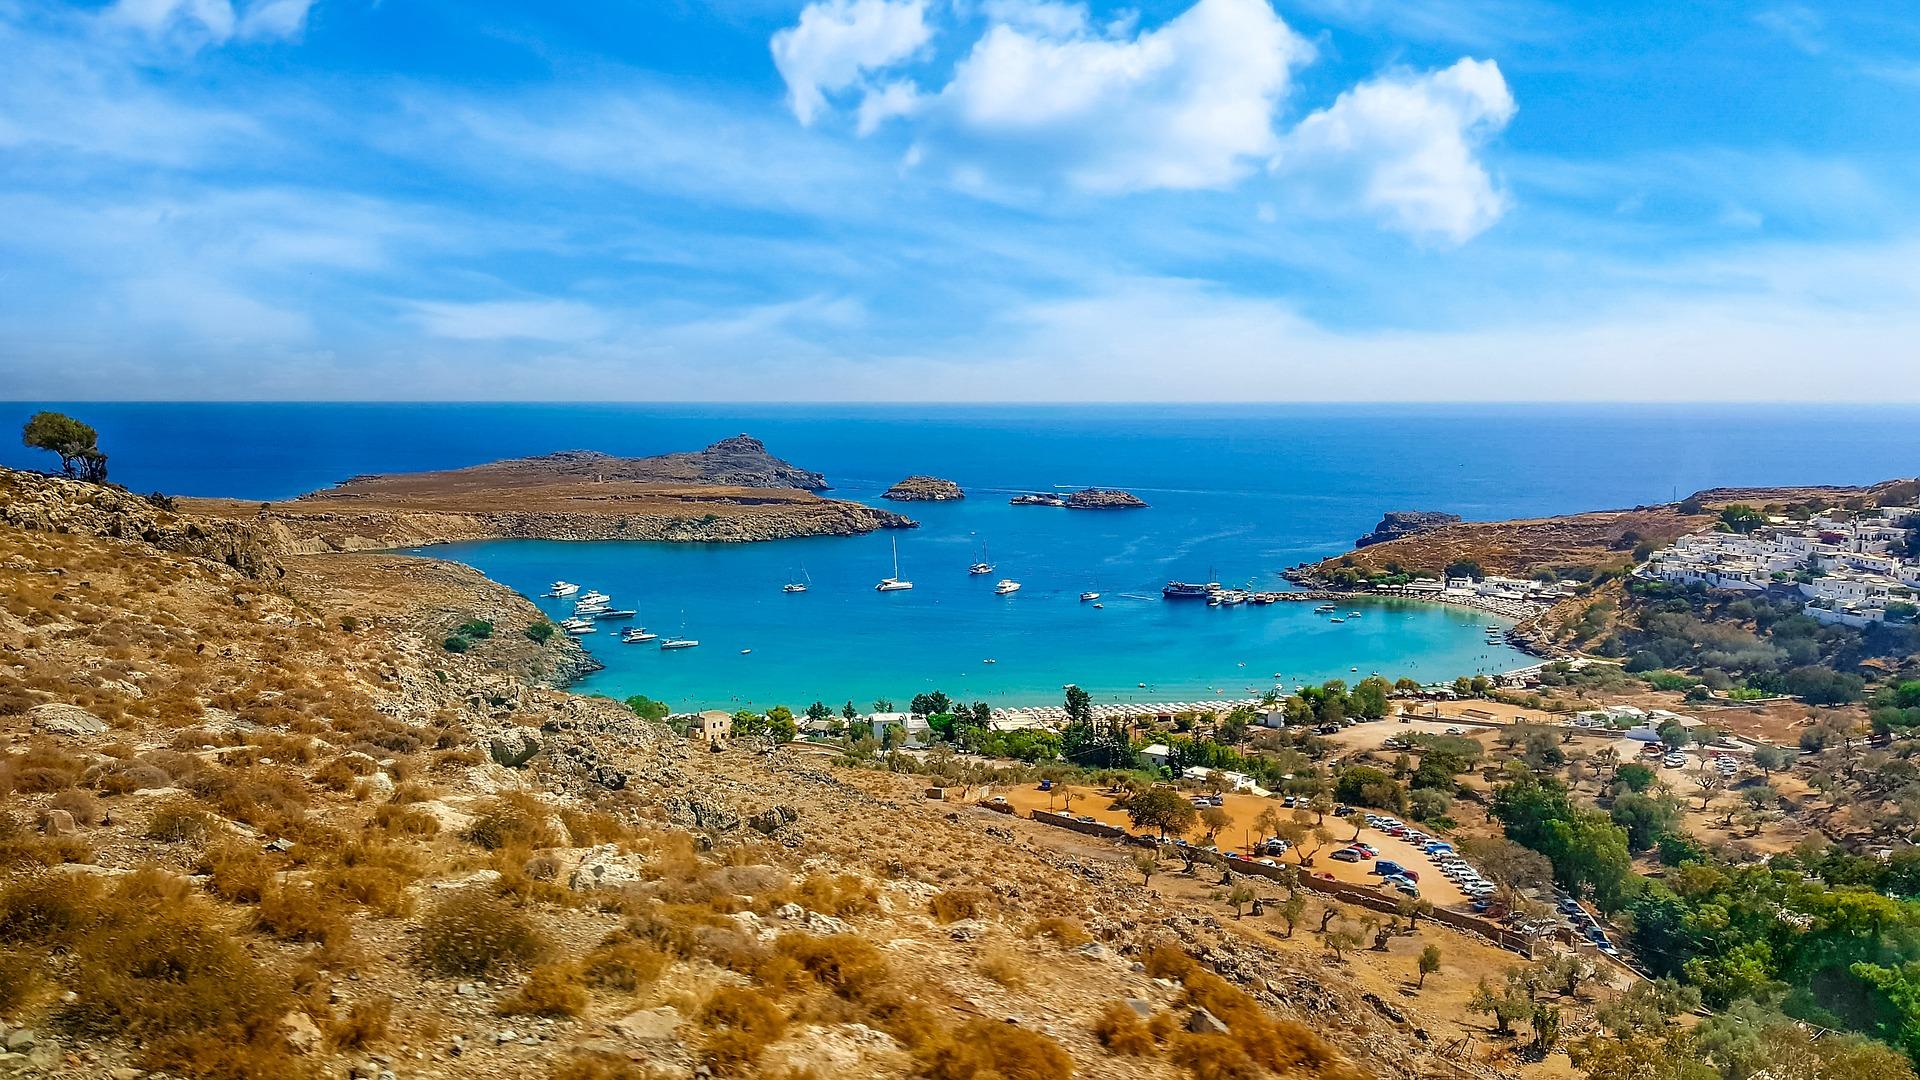 Rhodos Urlaub in Griechenland günstig ab 154,75€ = Flug, Hotel, Transfer